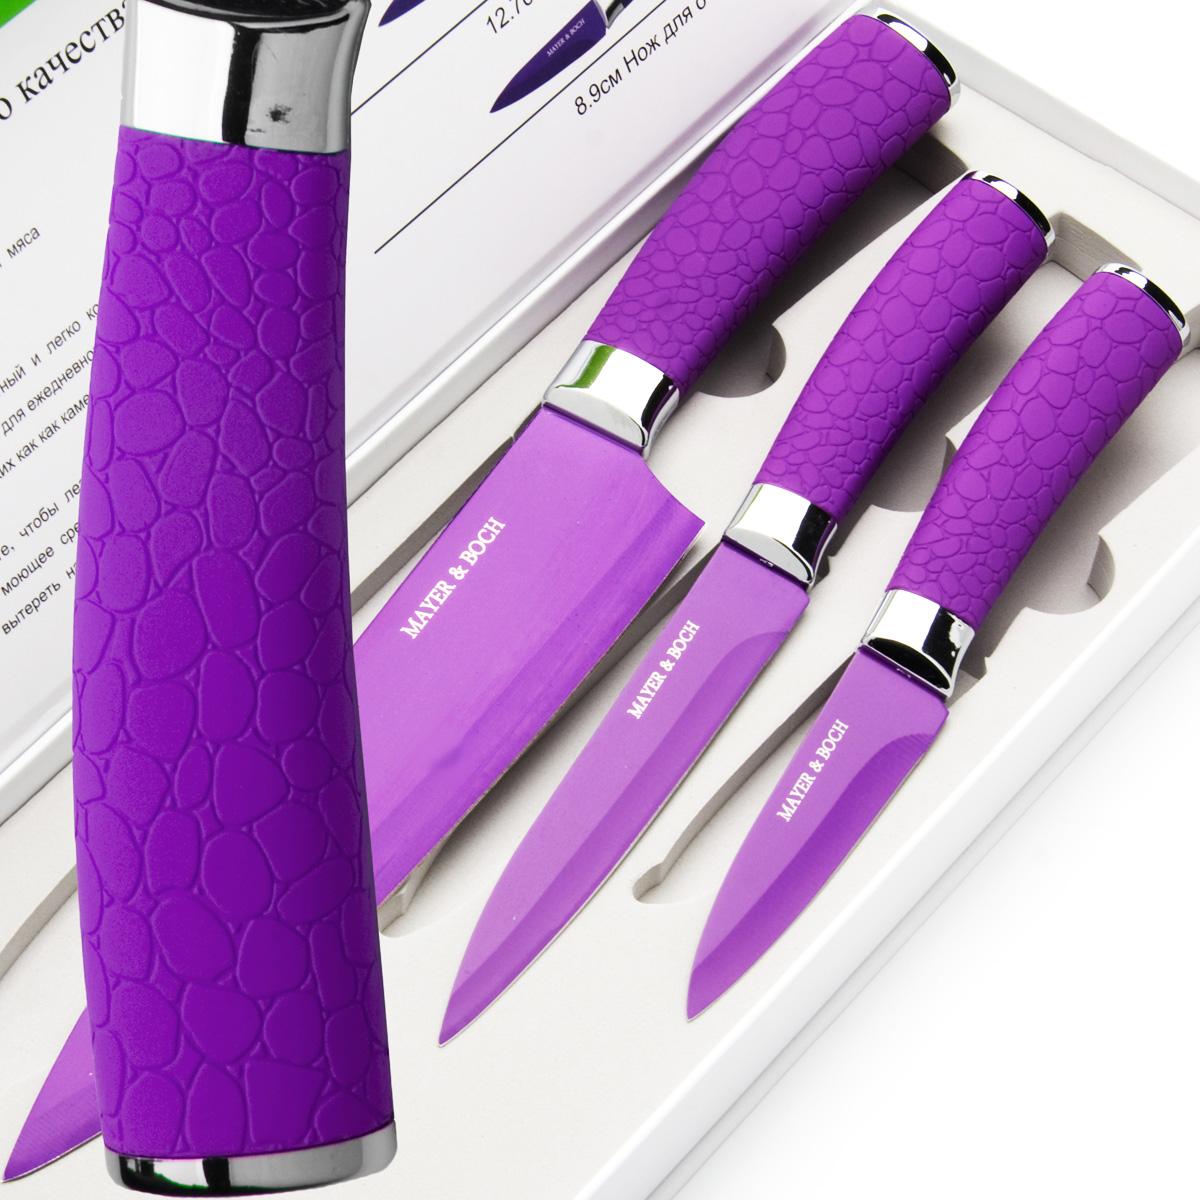 Набор ножей Mayer & Boch, цвет: фиолетовый, 3 шт. 2414724147Набор ножей Mayer & Boch состоит из 3 ножей: нож поварской, нож универсальный и нож для очистки. Ножи выполнены из нержавеющей стали, ручки из полипропилена. Оригинальный набор ножей великолепно украсит интерьер кухни и станет замечательным помощником. Можно мыть в посудомоечной машине. Длина лезвия поварского ножа: 20,3 см. Общая длина поварского ножа: 33 см. Длина лезвия универсального ножа: 12,7 см. Общая длина универсального ножа: 24 см. Длина лезвия ножа для очистки: 8,9 см. Общая длина ножа для очистки: 20 см.